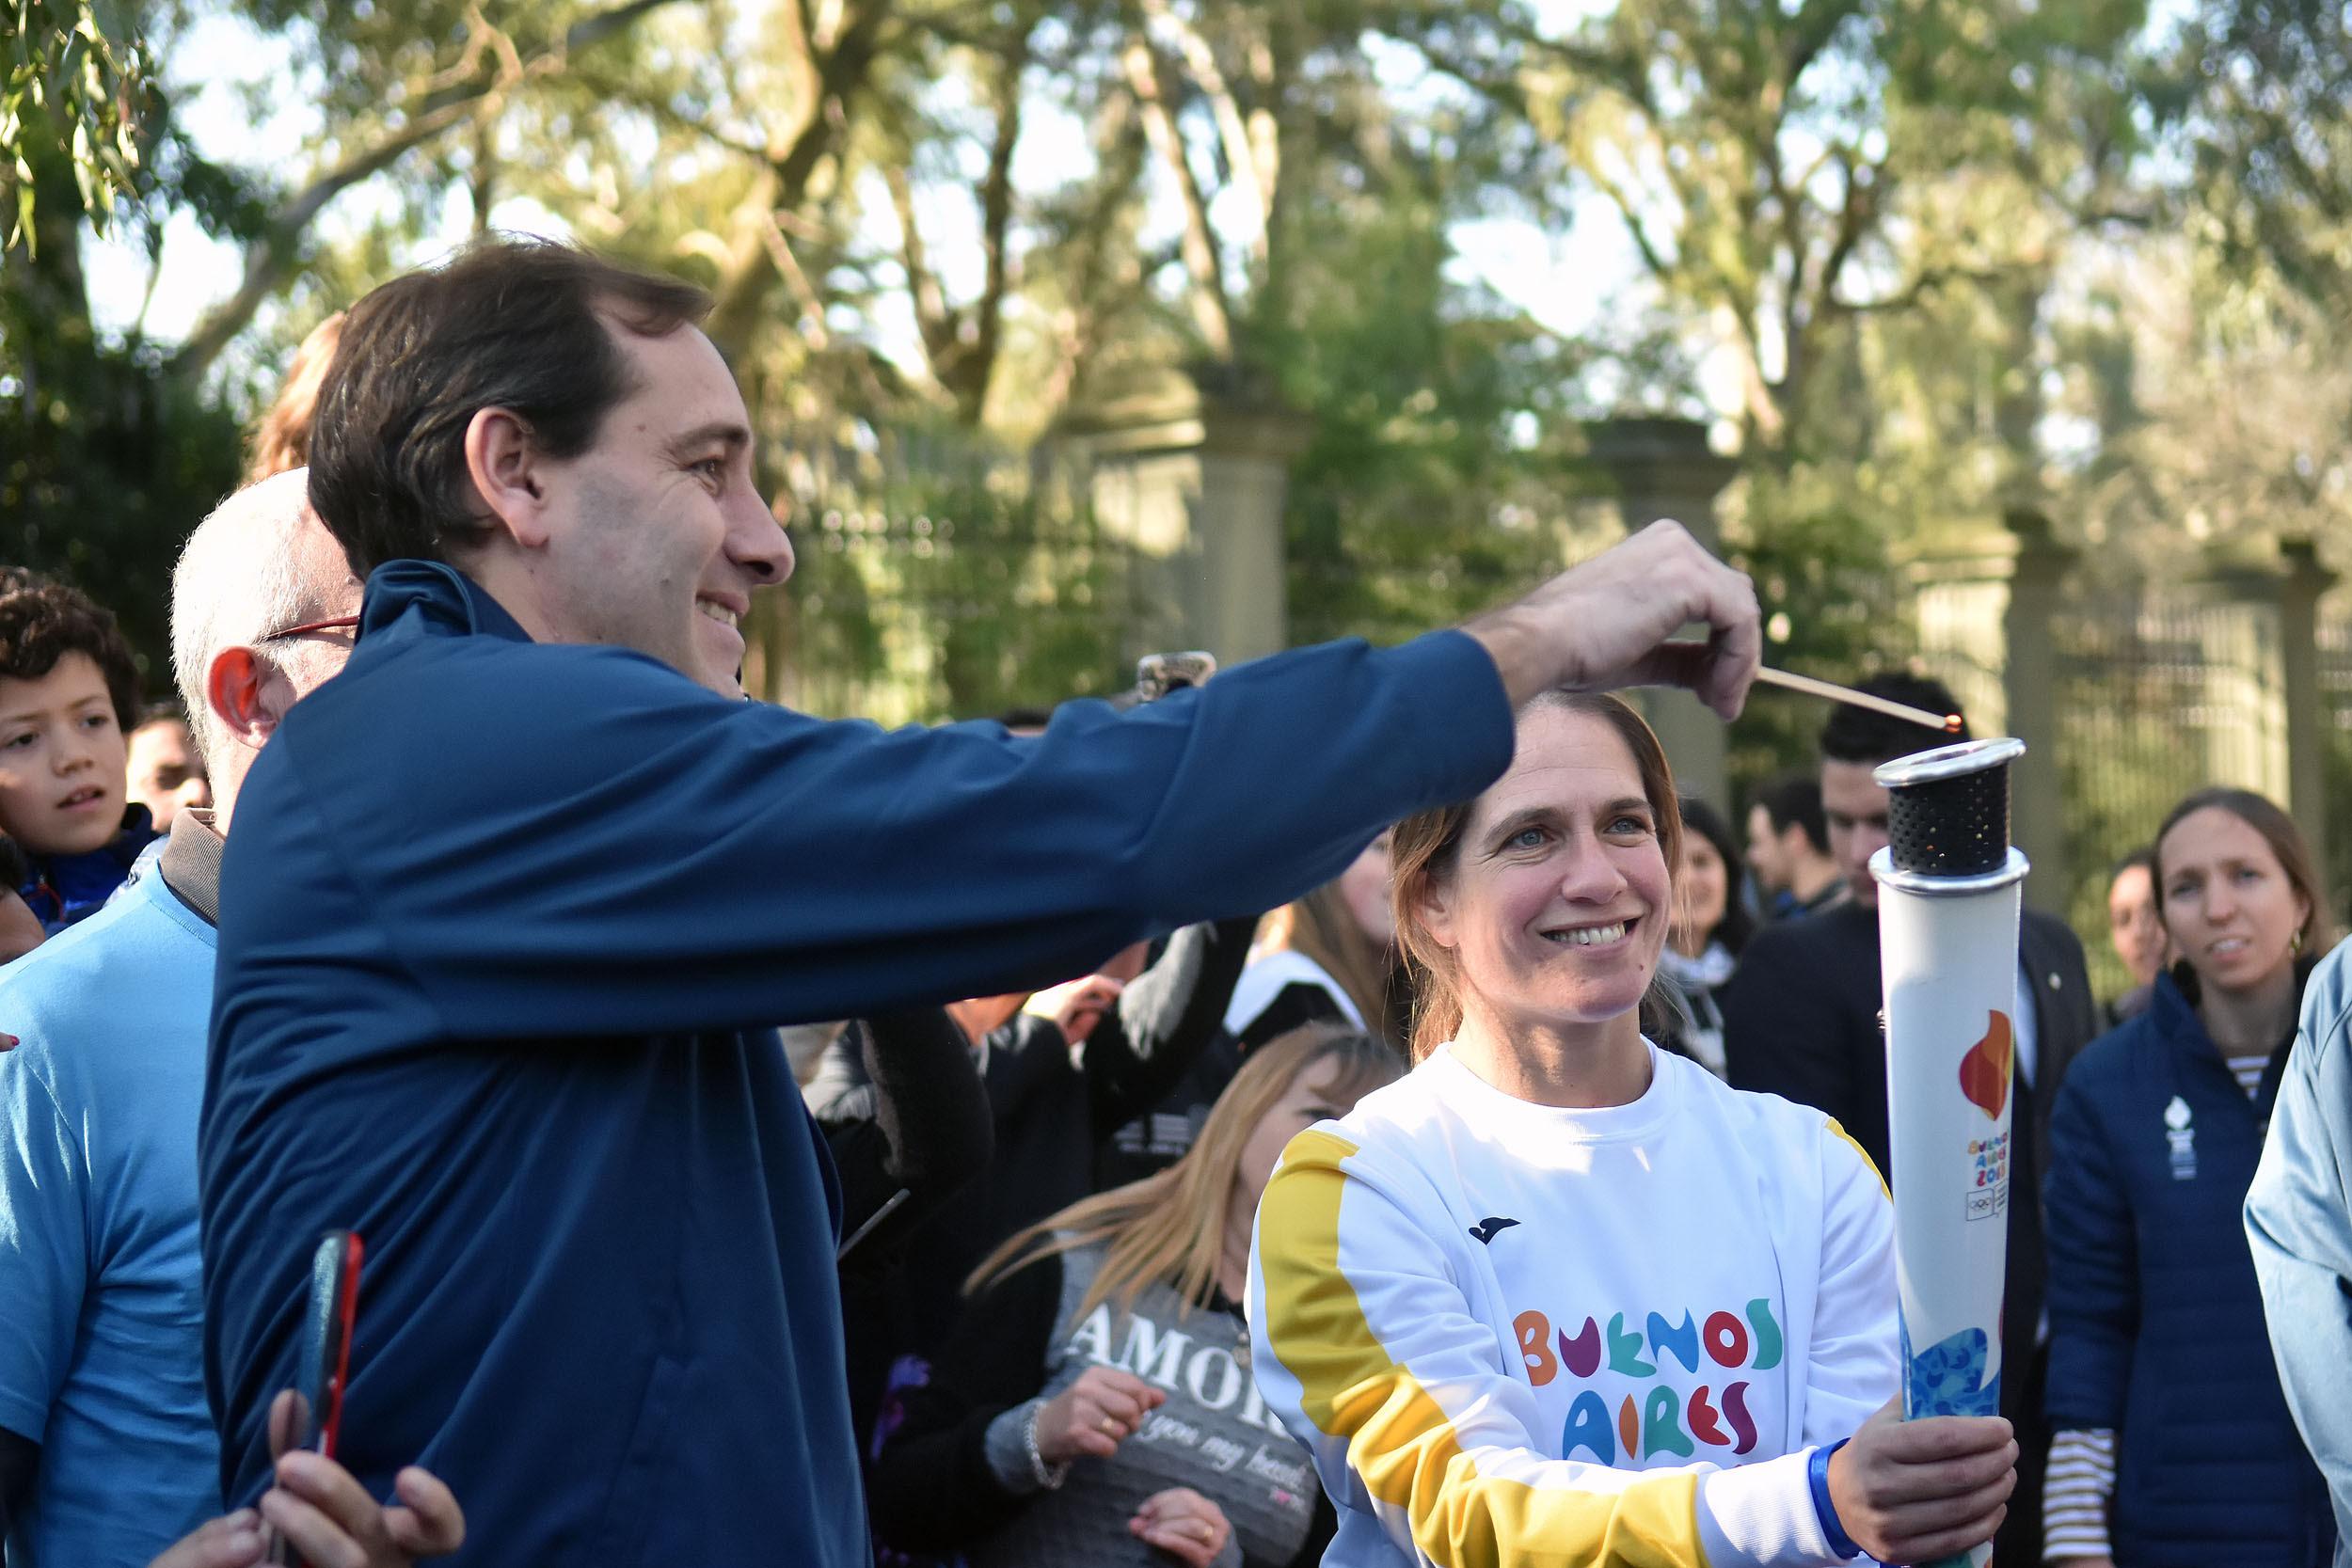 La Plata / Jornada histórica y fiesta en Plaza Moreno para recibir la Antorcha Olímpica